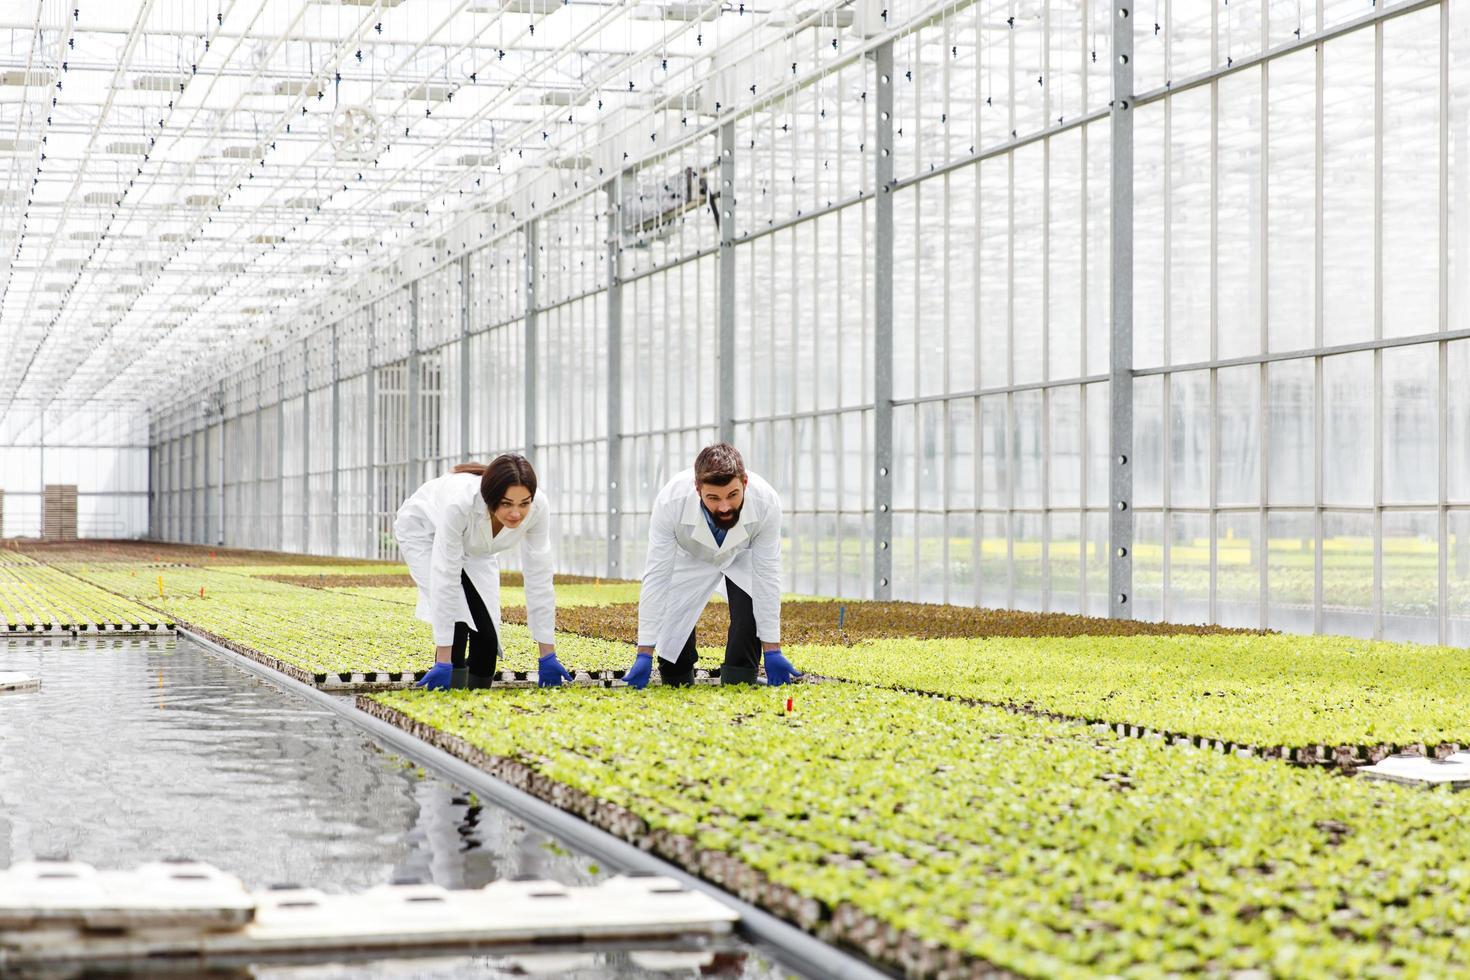 Mann und Frau in Laborgewändern arbeiten mit Pflanzen foto